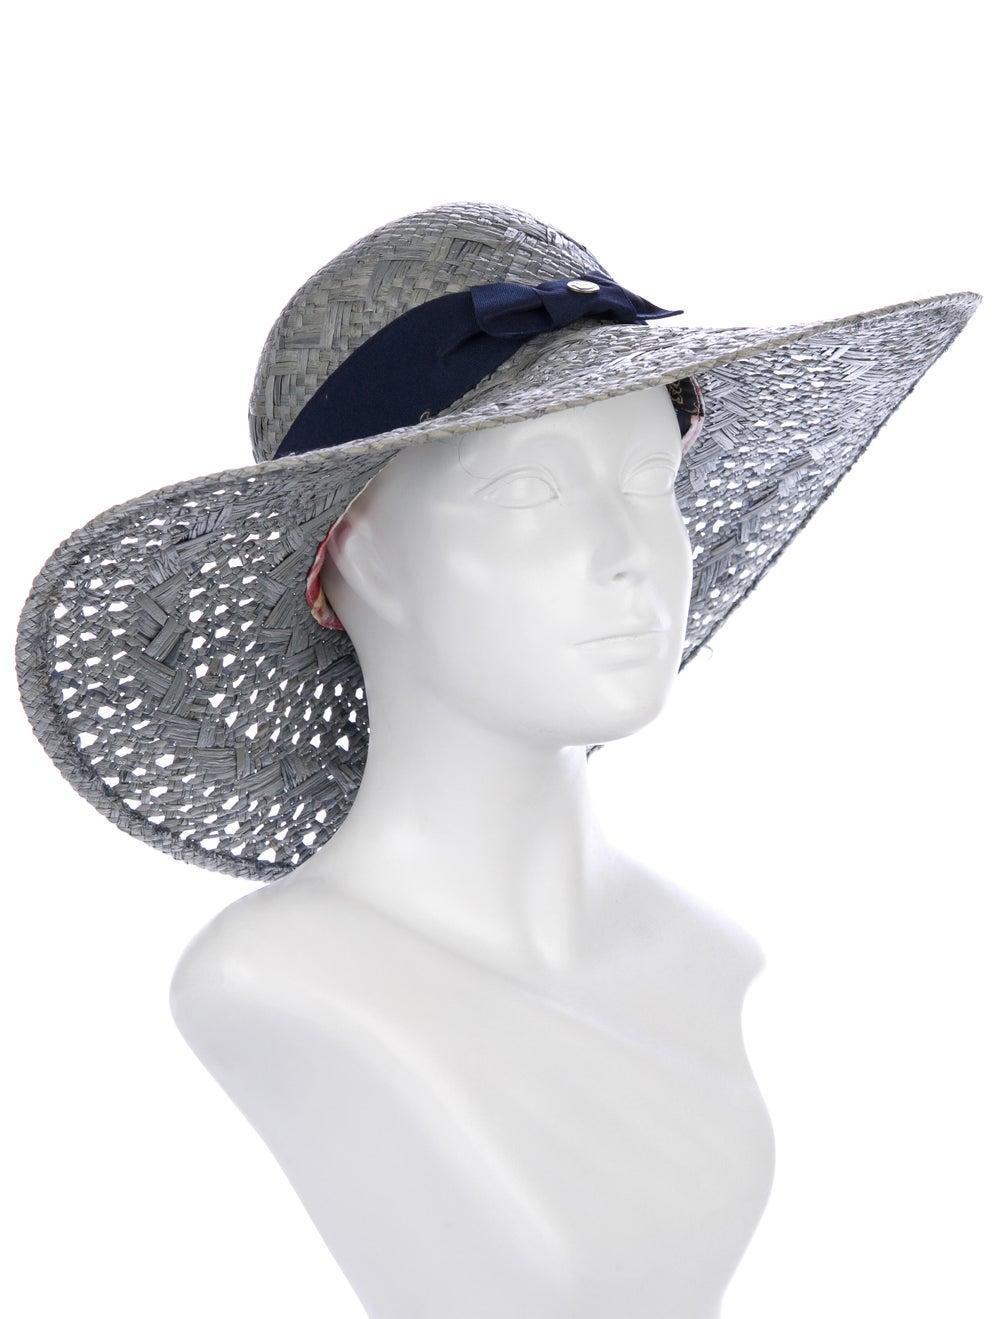 Goorin Bros. Straw Wide-Brim Hat Grey - image 3